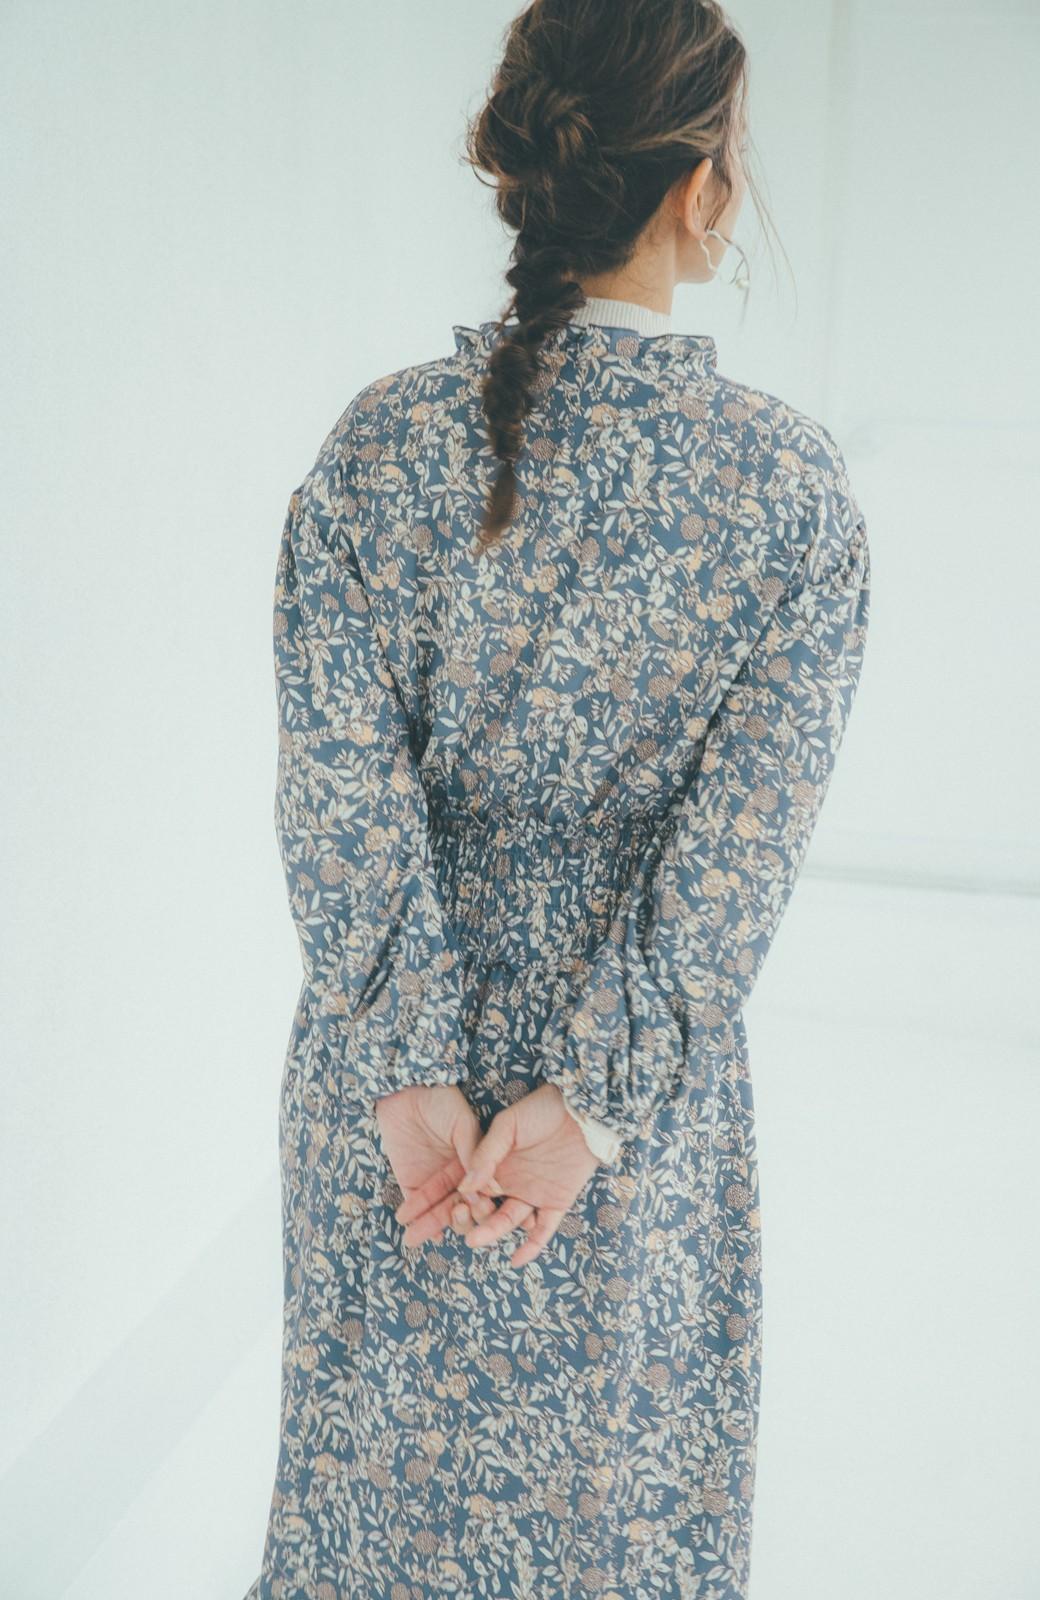 haco! 【スザンヌさんコラボ】大人の華やかさを詰め込んだ ウエストシャーリングのスタイルアップワンピース by LOVE&PEACE PROJECT <ブルー>の商品写真9